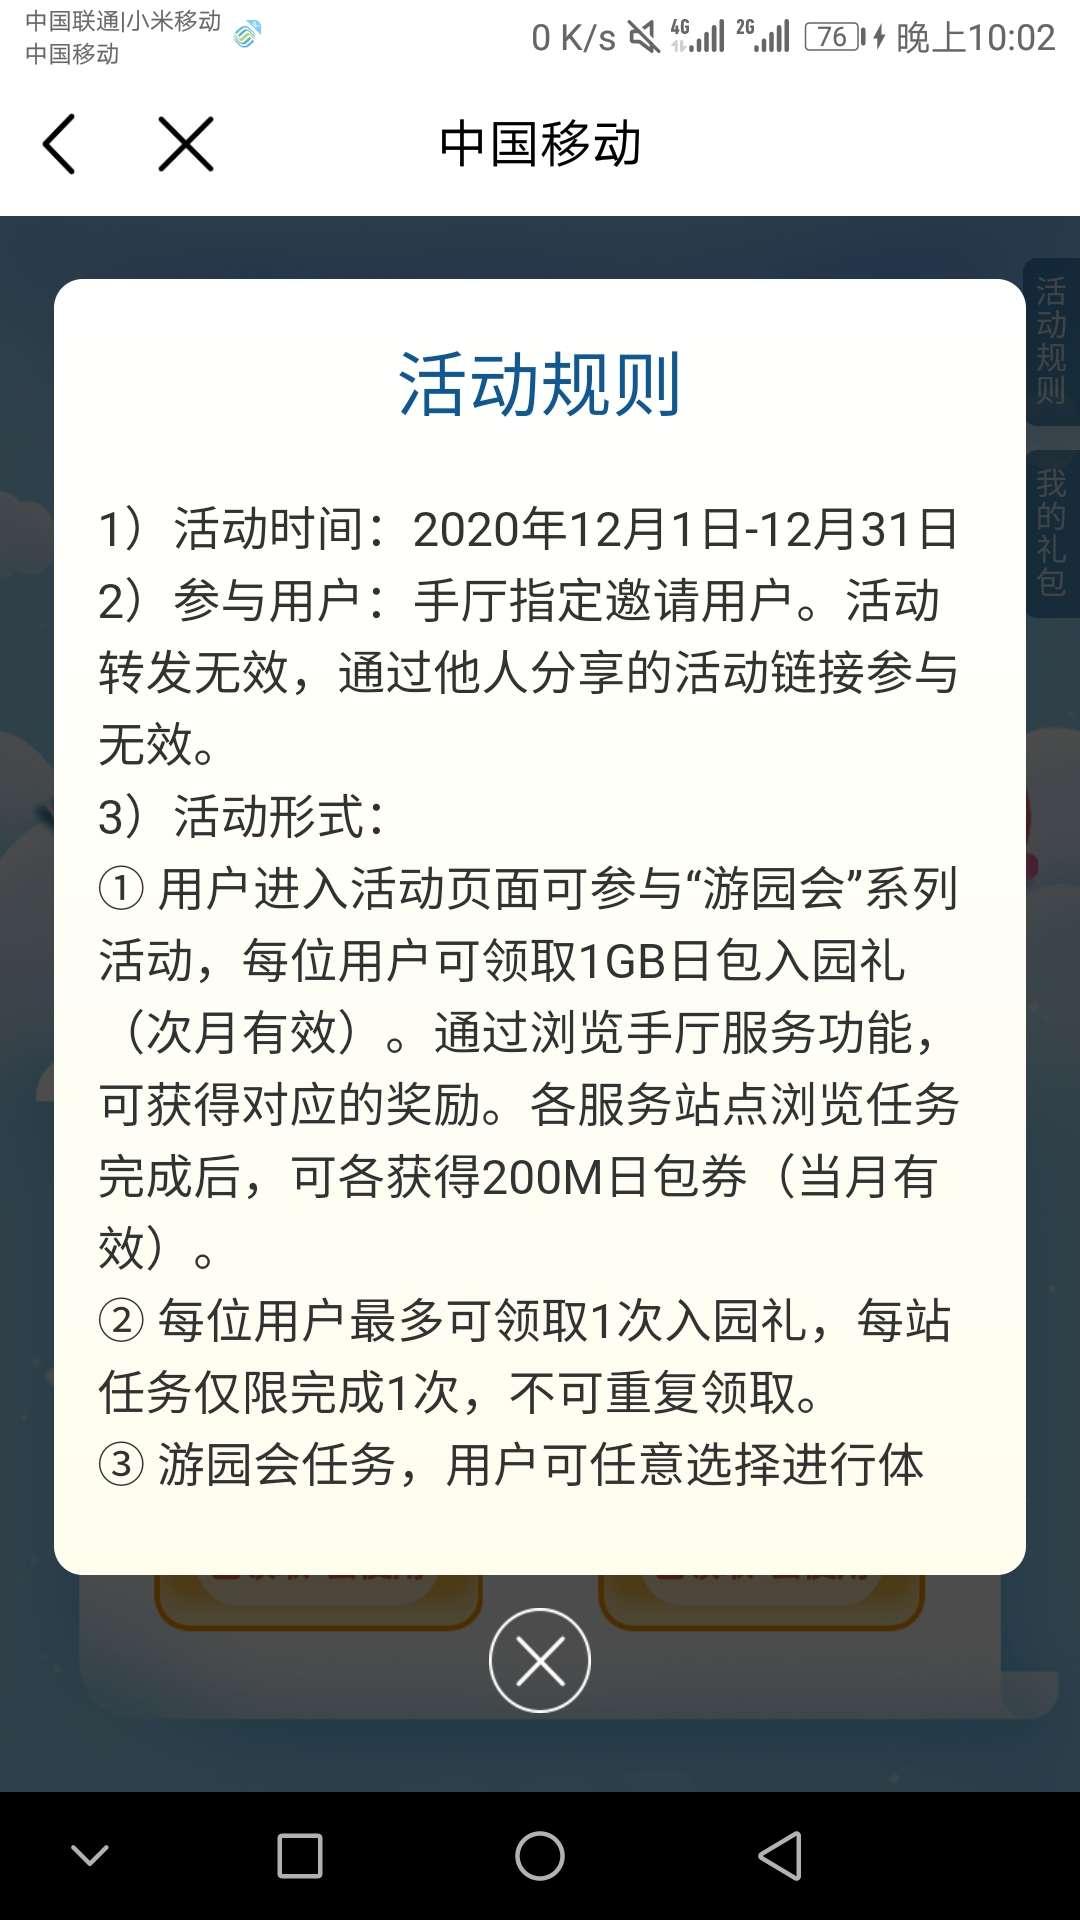 【话费流量】中国银行APP领1.4G流量-聚合资源网